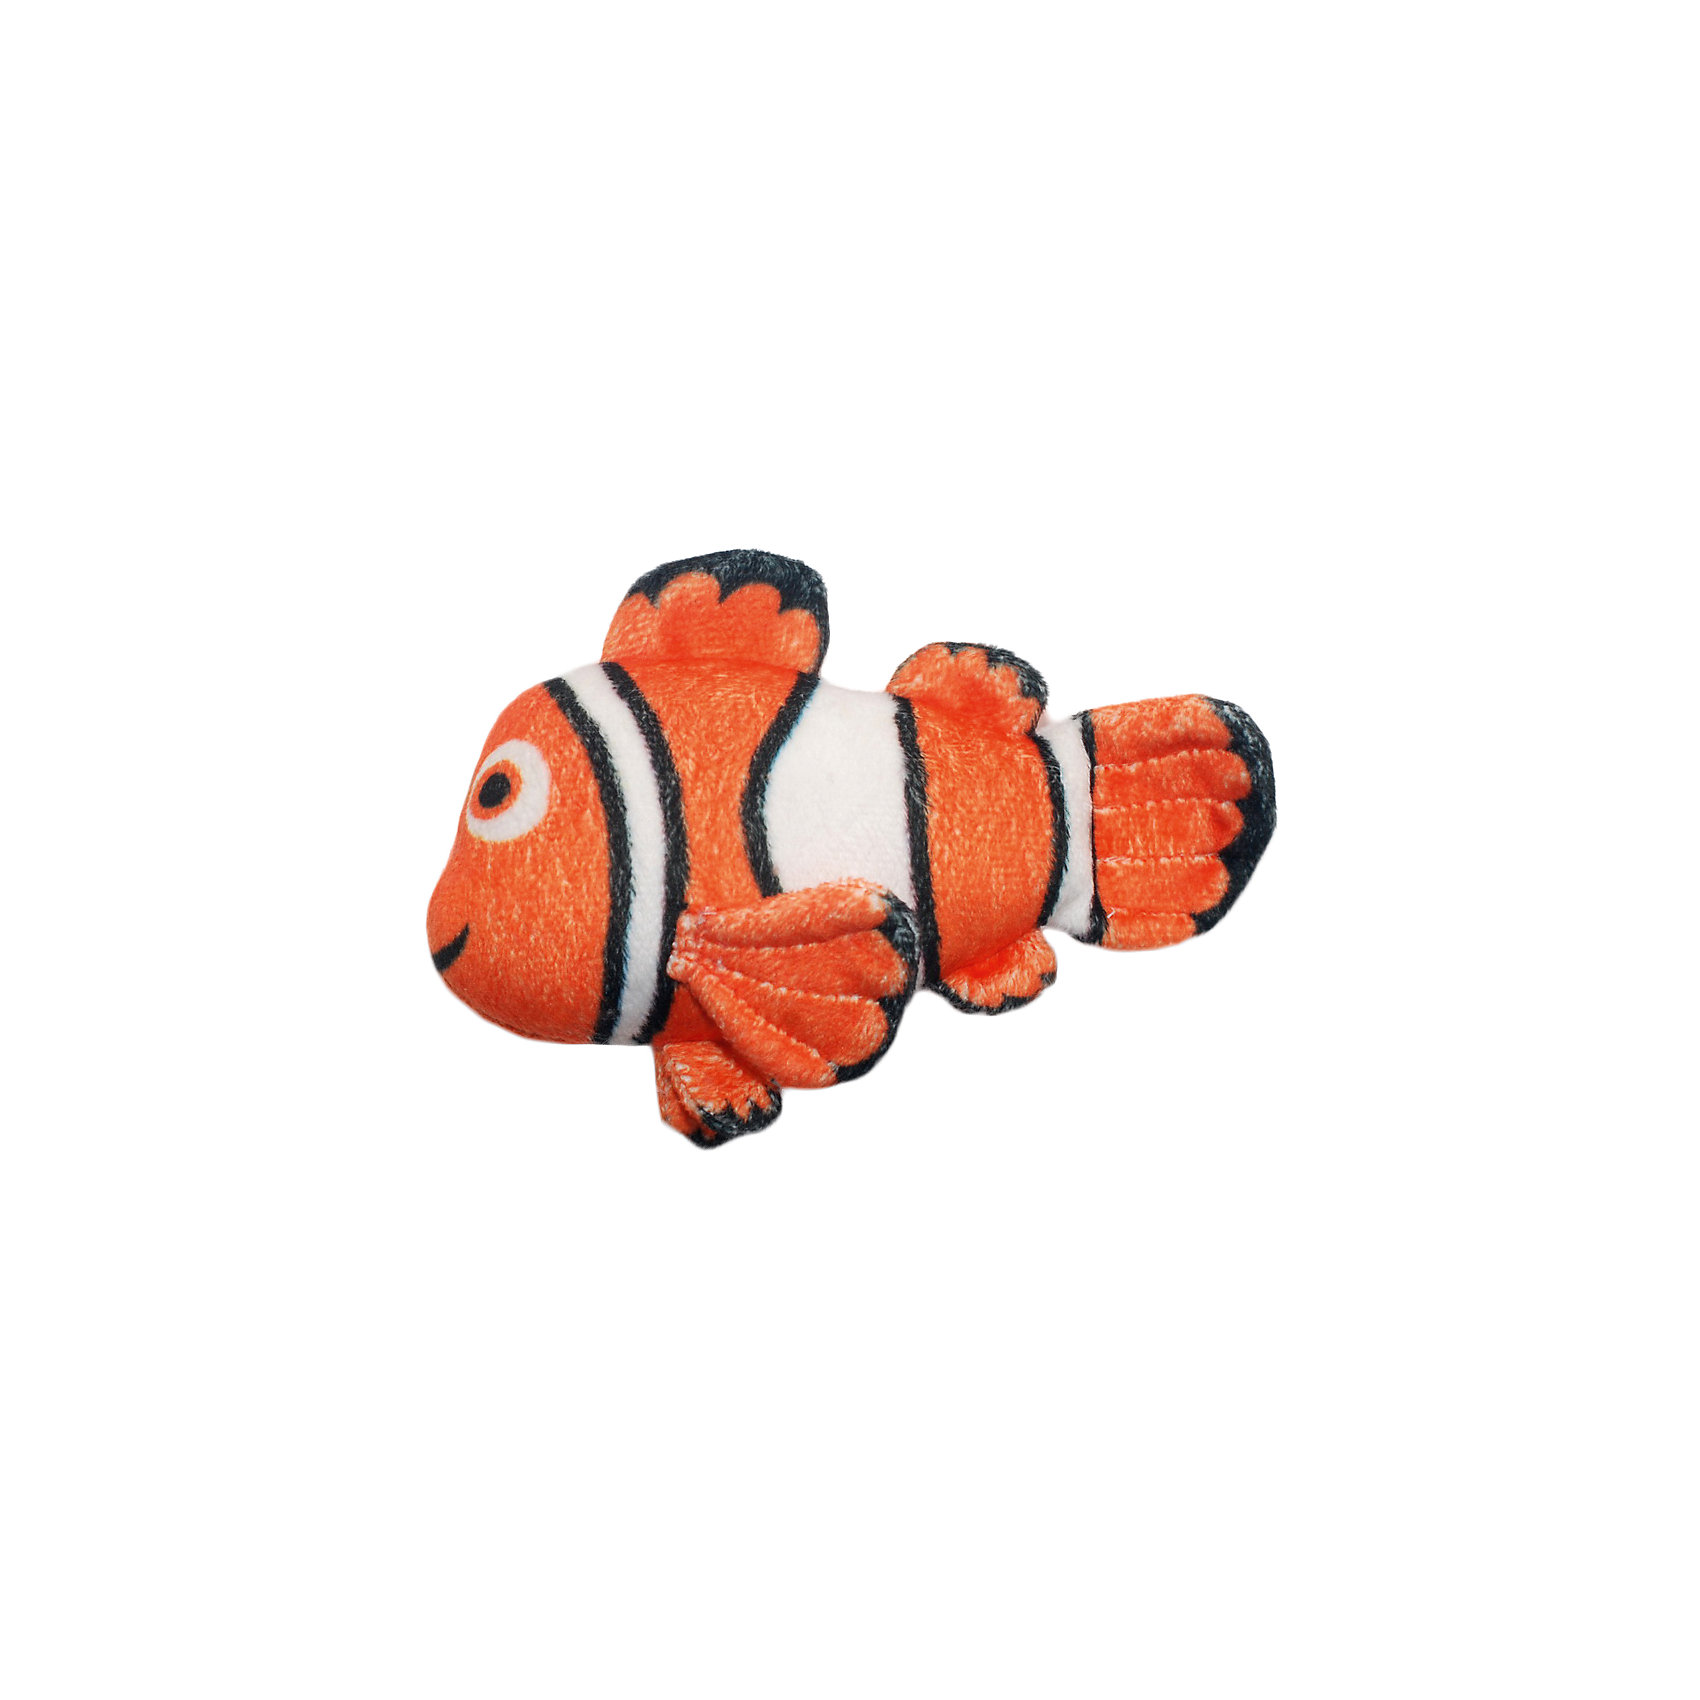 Игрушка для ванной Немо, Disney, 8 смВ поисках Дори<br>Отважная рыбка Немо подарит много улыбок и радости малышам! Купание с любимым героем станет еще приятнее и интереснее. Игрушка выполнена из мягкого плюша, как только рыбка попадает в воду, она начинает расти, с большой мягкой игрушкой можно играть в течение недели. Постепенно Немо будет уменьшаться, но как только его снова искупаешь, он опять вырастет. <br><br>Дополнительная информация:<br><br>- Материал: плюш, полиуретан.<br>- Размер: 15х23 см.<br><br>Игрушку для ванной Немо, Disney (Дисней) можно купить в нашем магазине.<br><br>Ширина мм: 22<br>Глубина мм: 146<br>Высота мм: 230<br>Вес г: 45<br>Возраст от месяцев: 36<br>Возраст до месяцев: 72<br>Пол: Унисекс<br>Возраст: Детский<br>SKU: 4219368